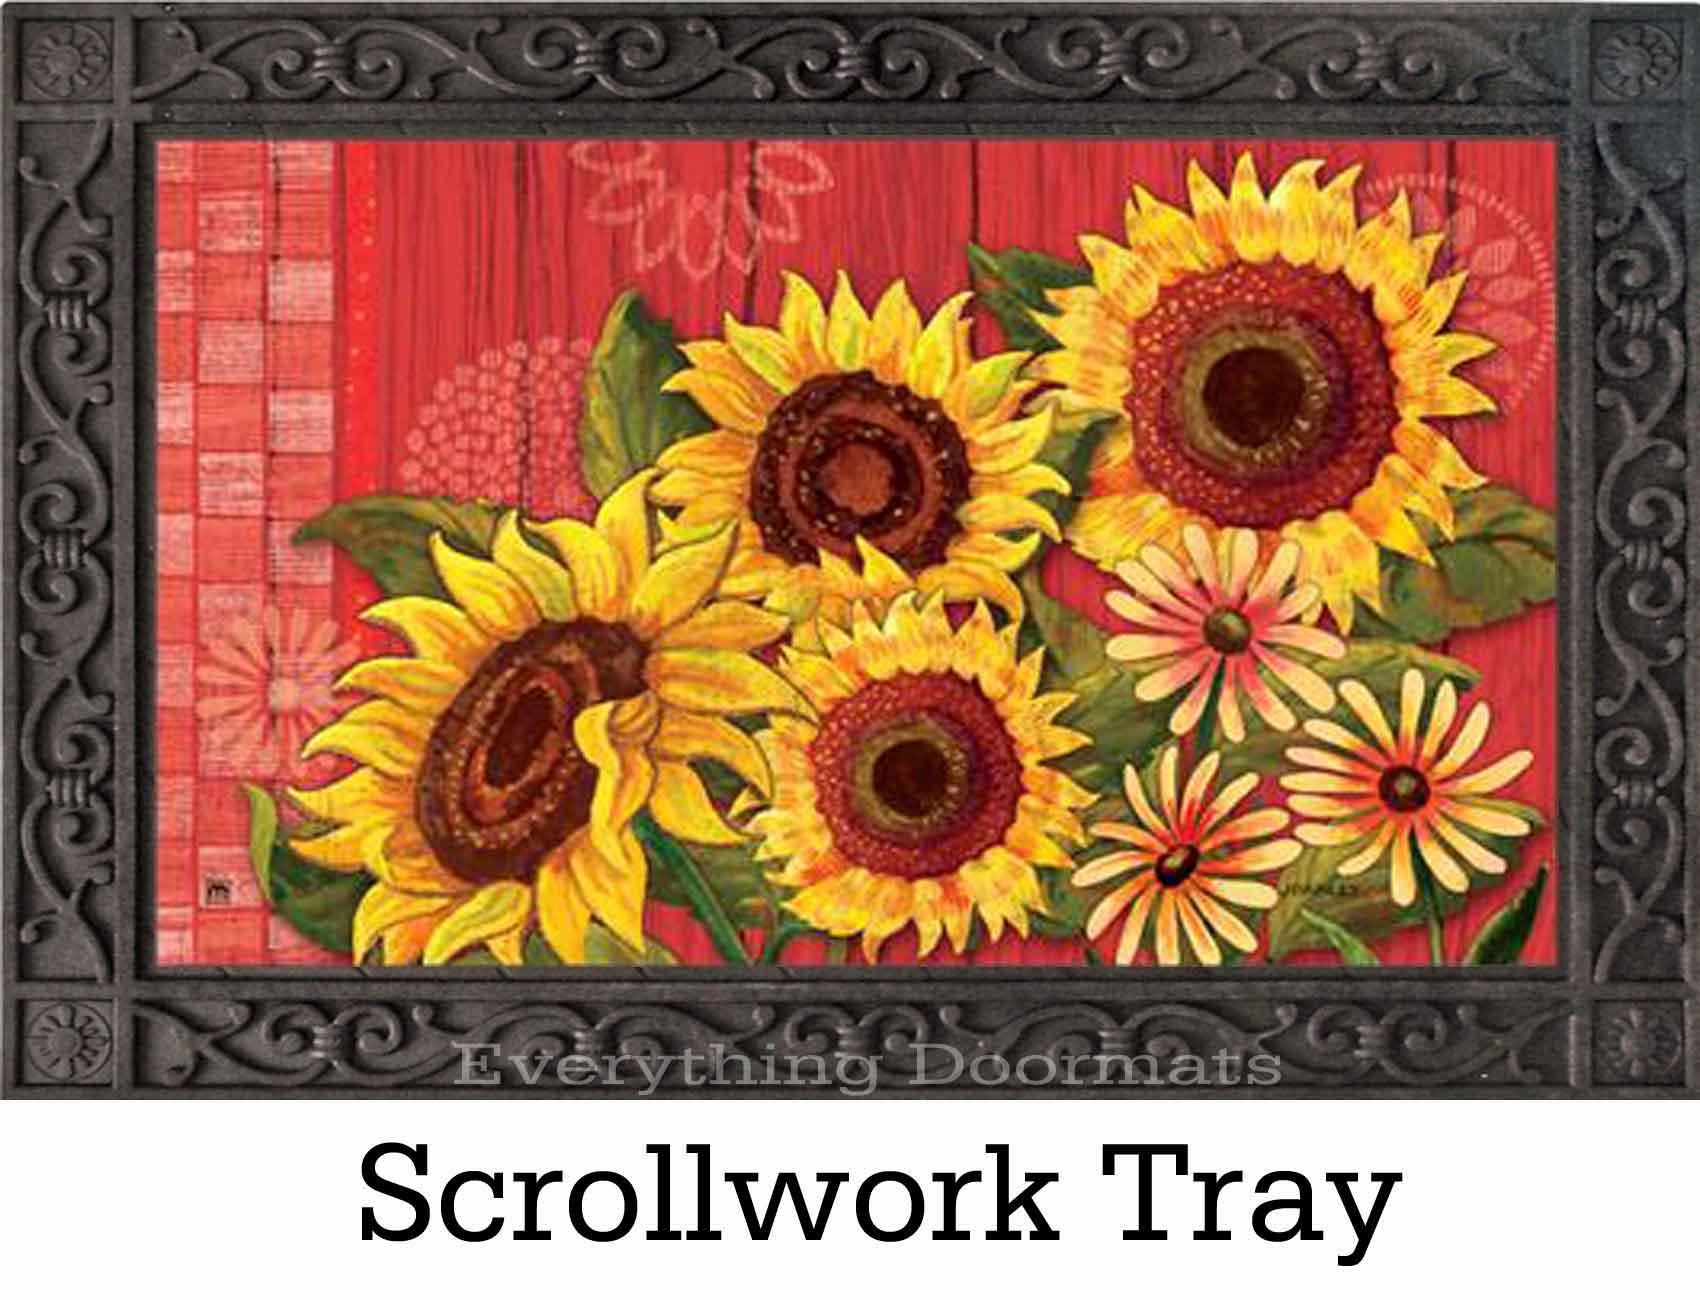 Indoor Amp Outdoor Red Barn Sunflower Matmate Doormat 18x30